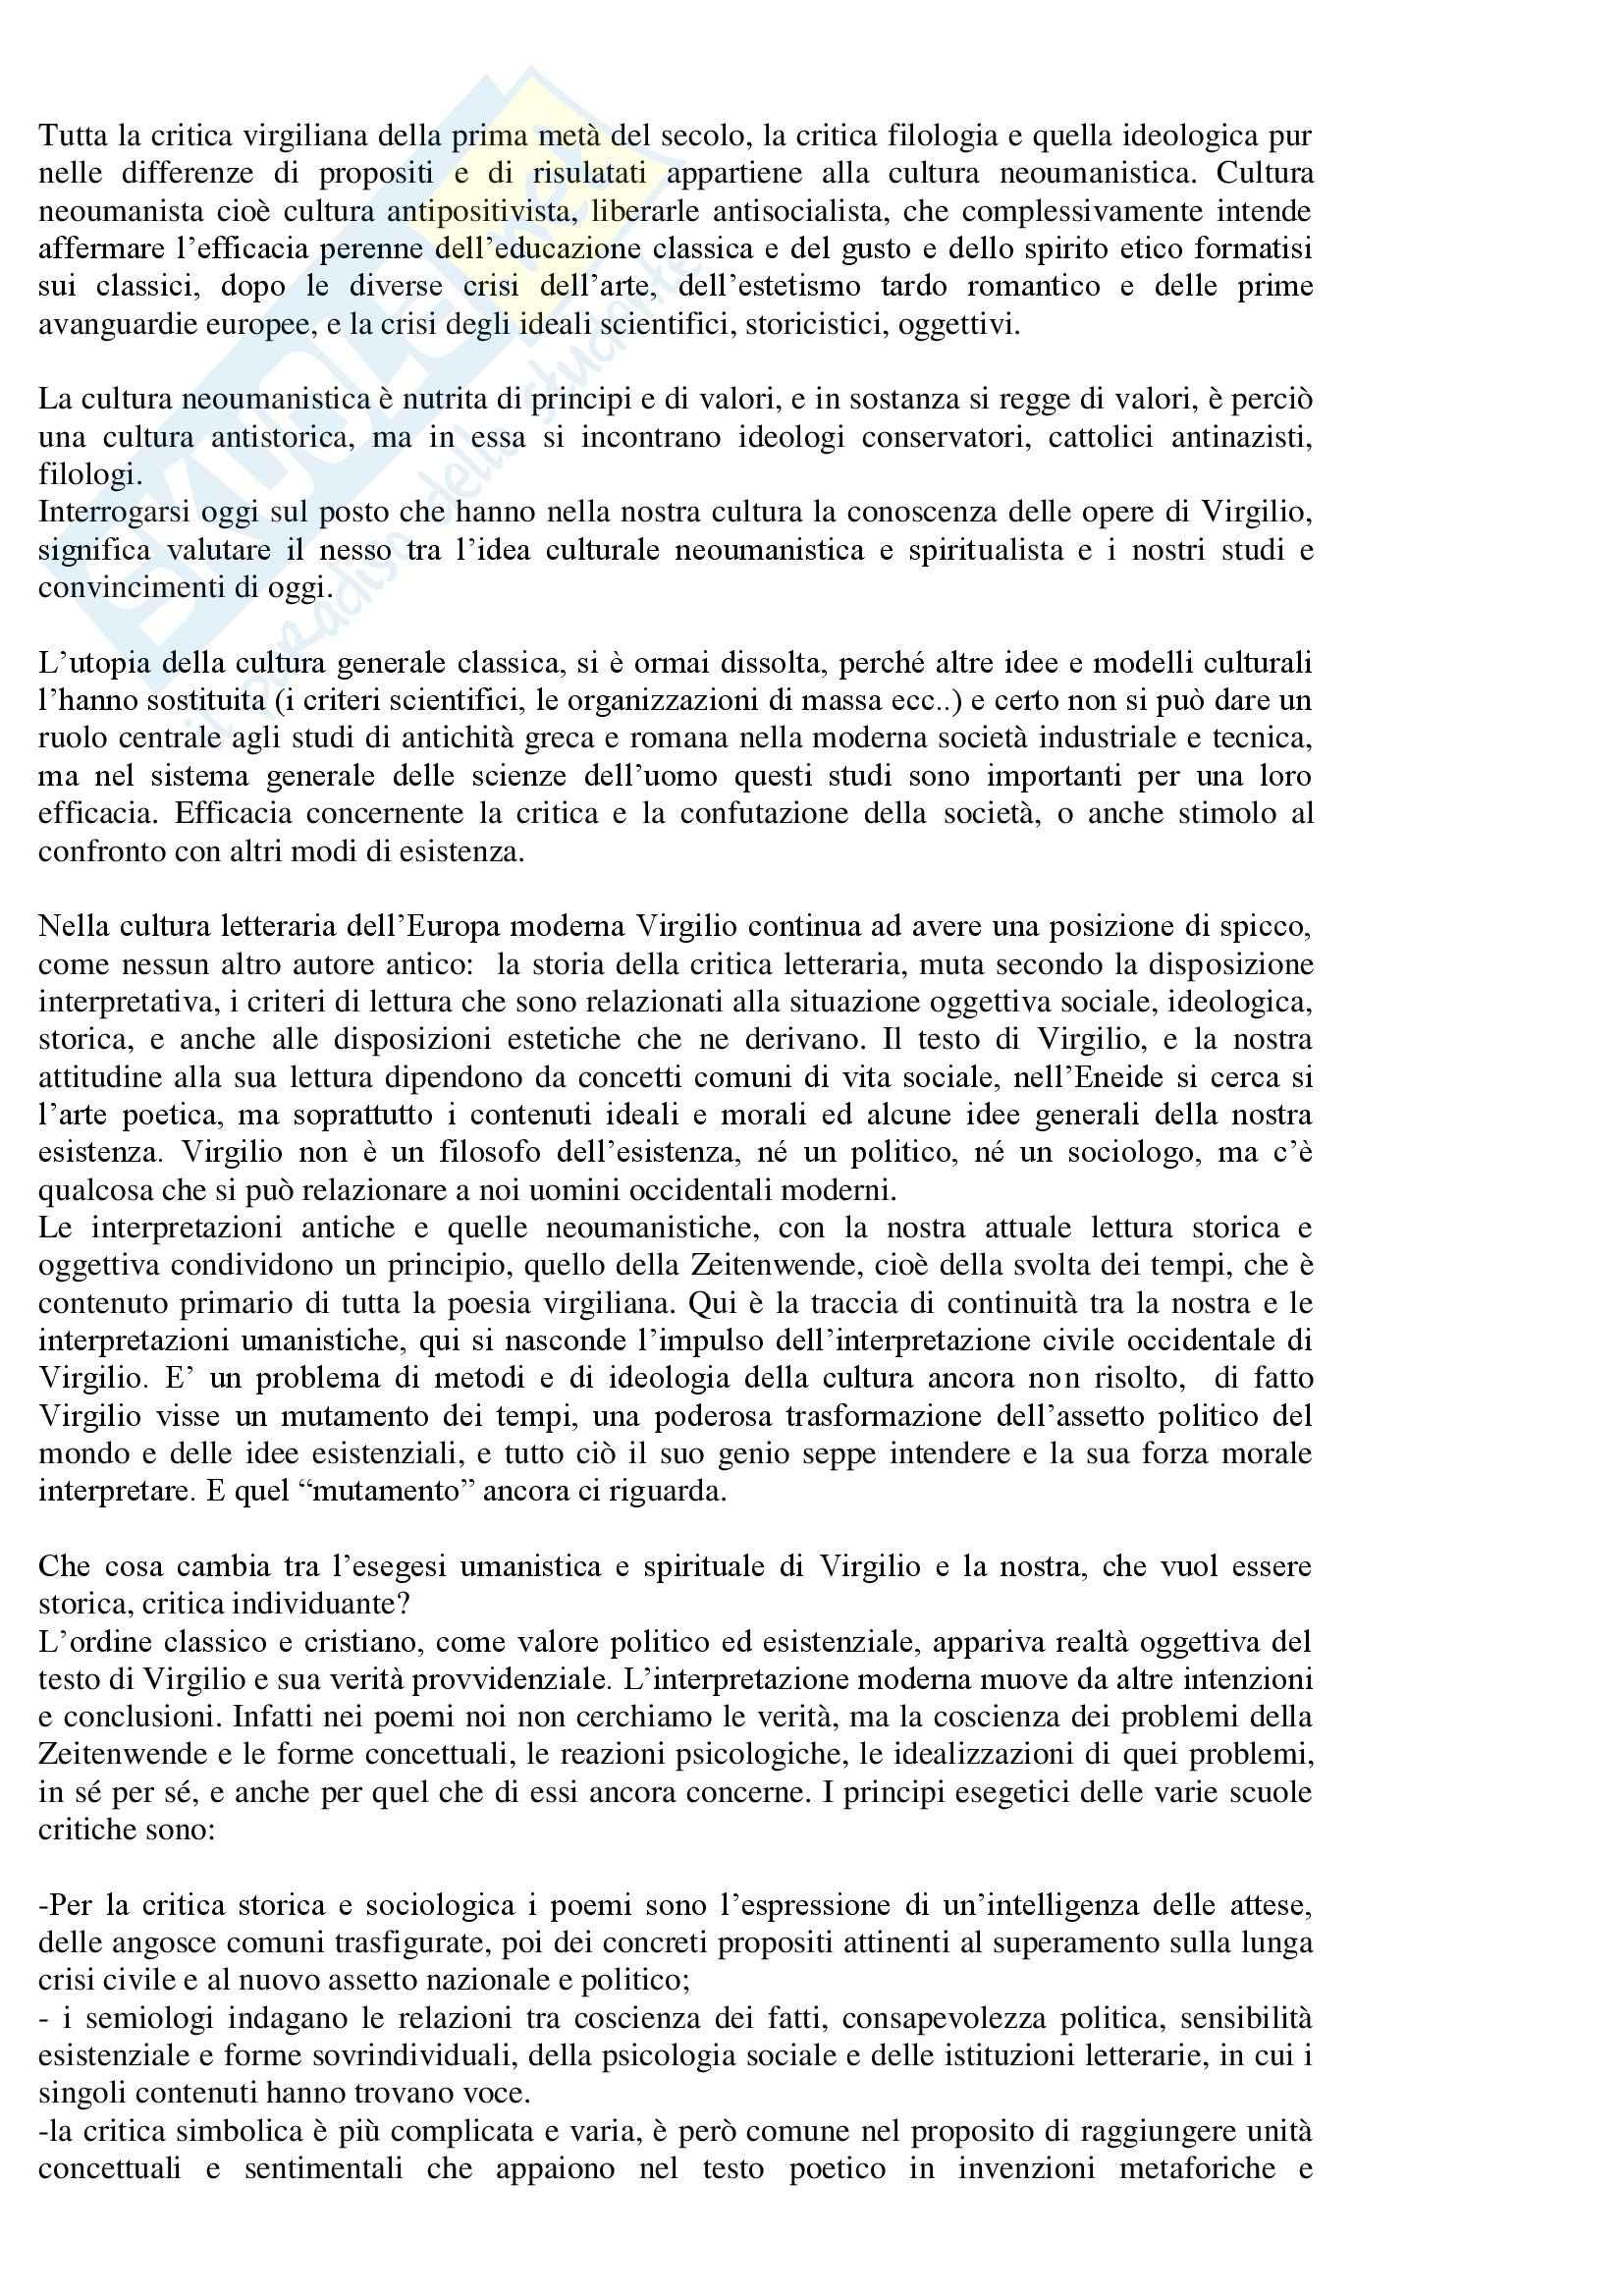 Lingua  e letteratura latina - critica di Virgilio Pag. 6